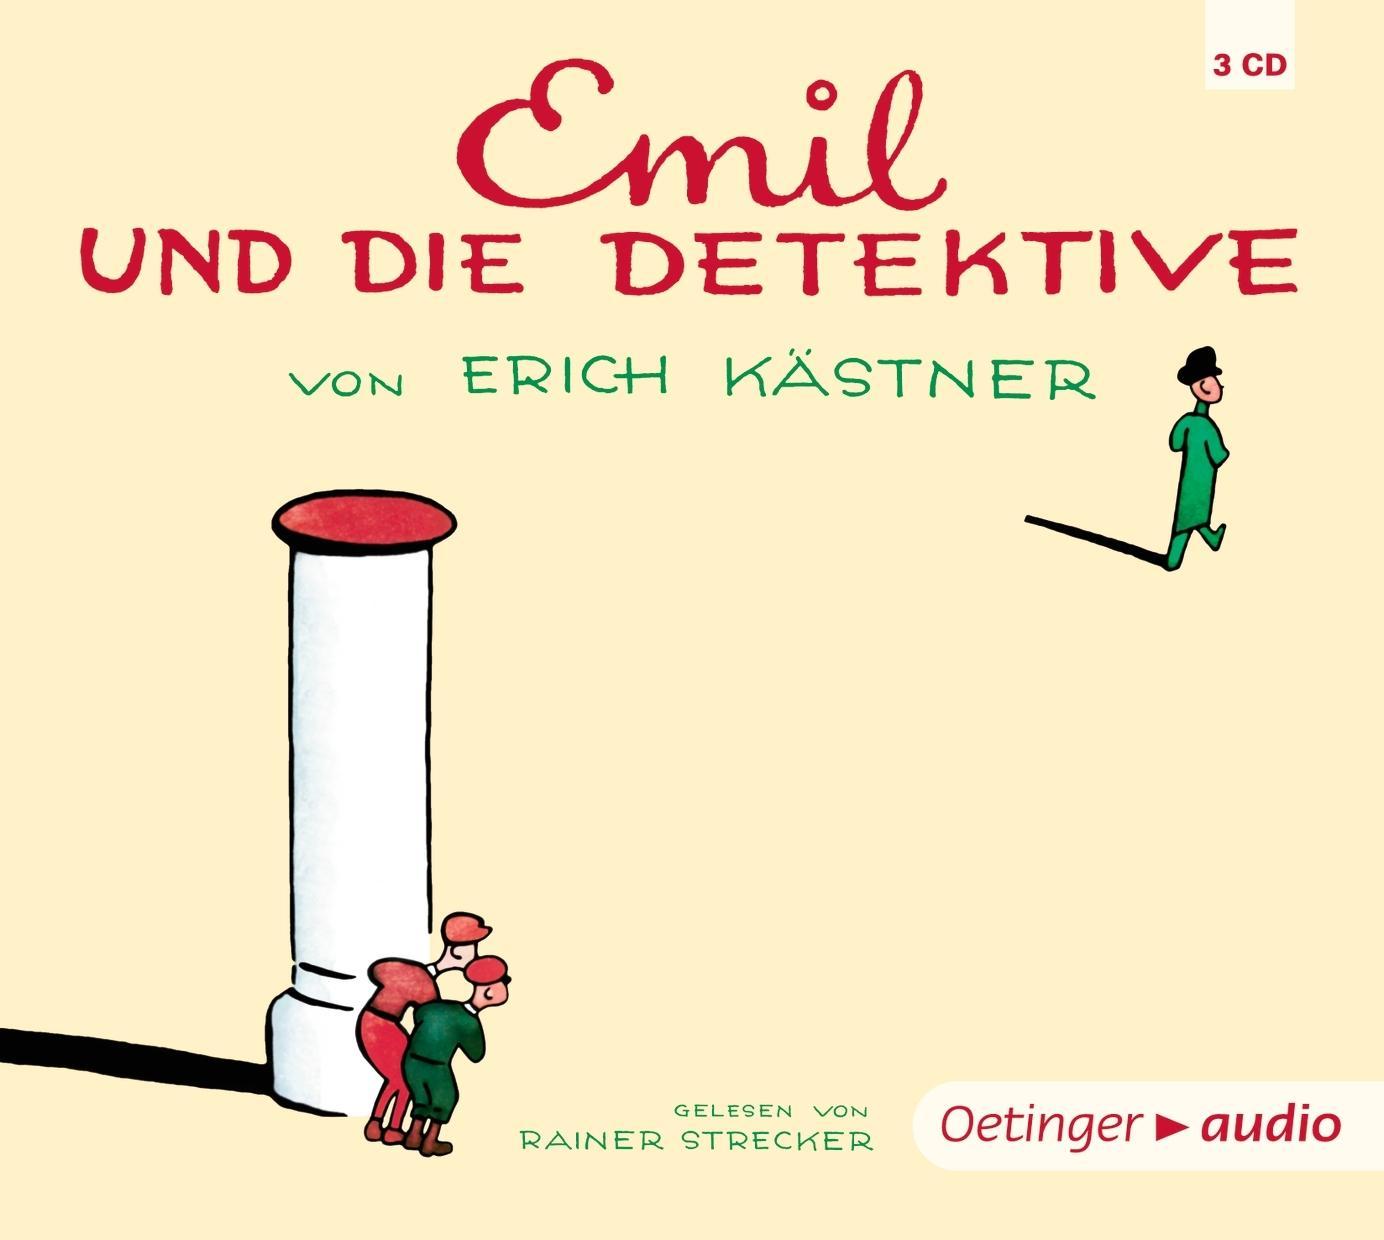 Erich Kästner / Emil und die Detektive /  9783837305258